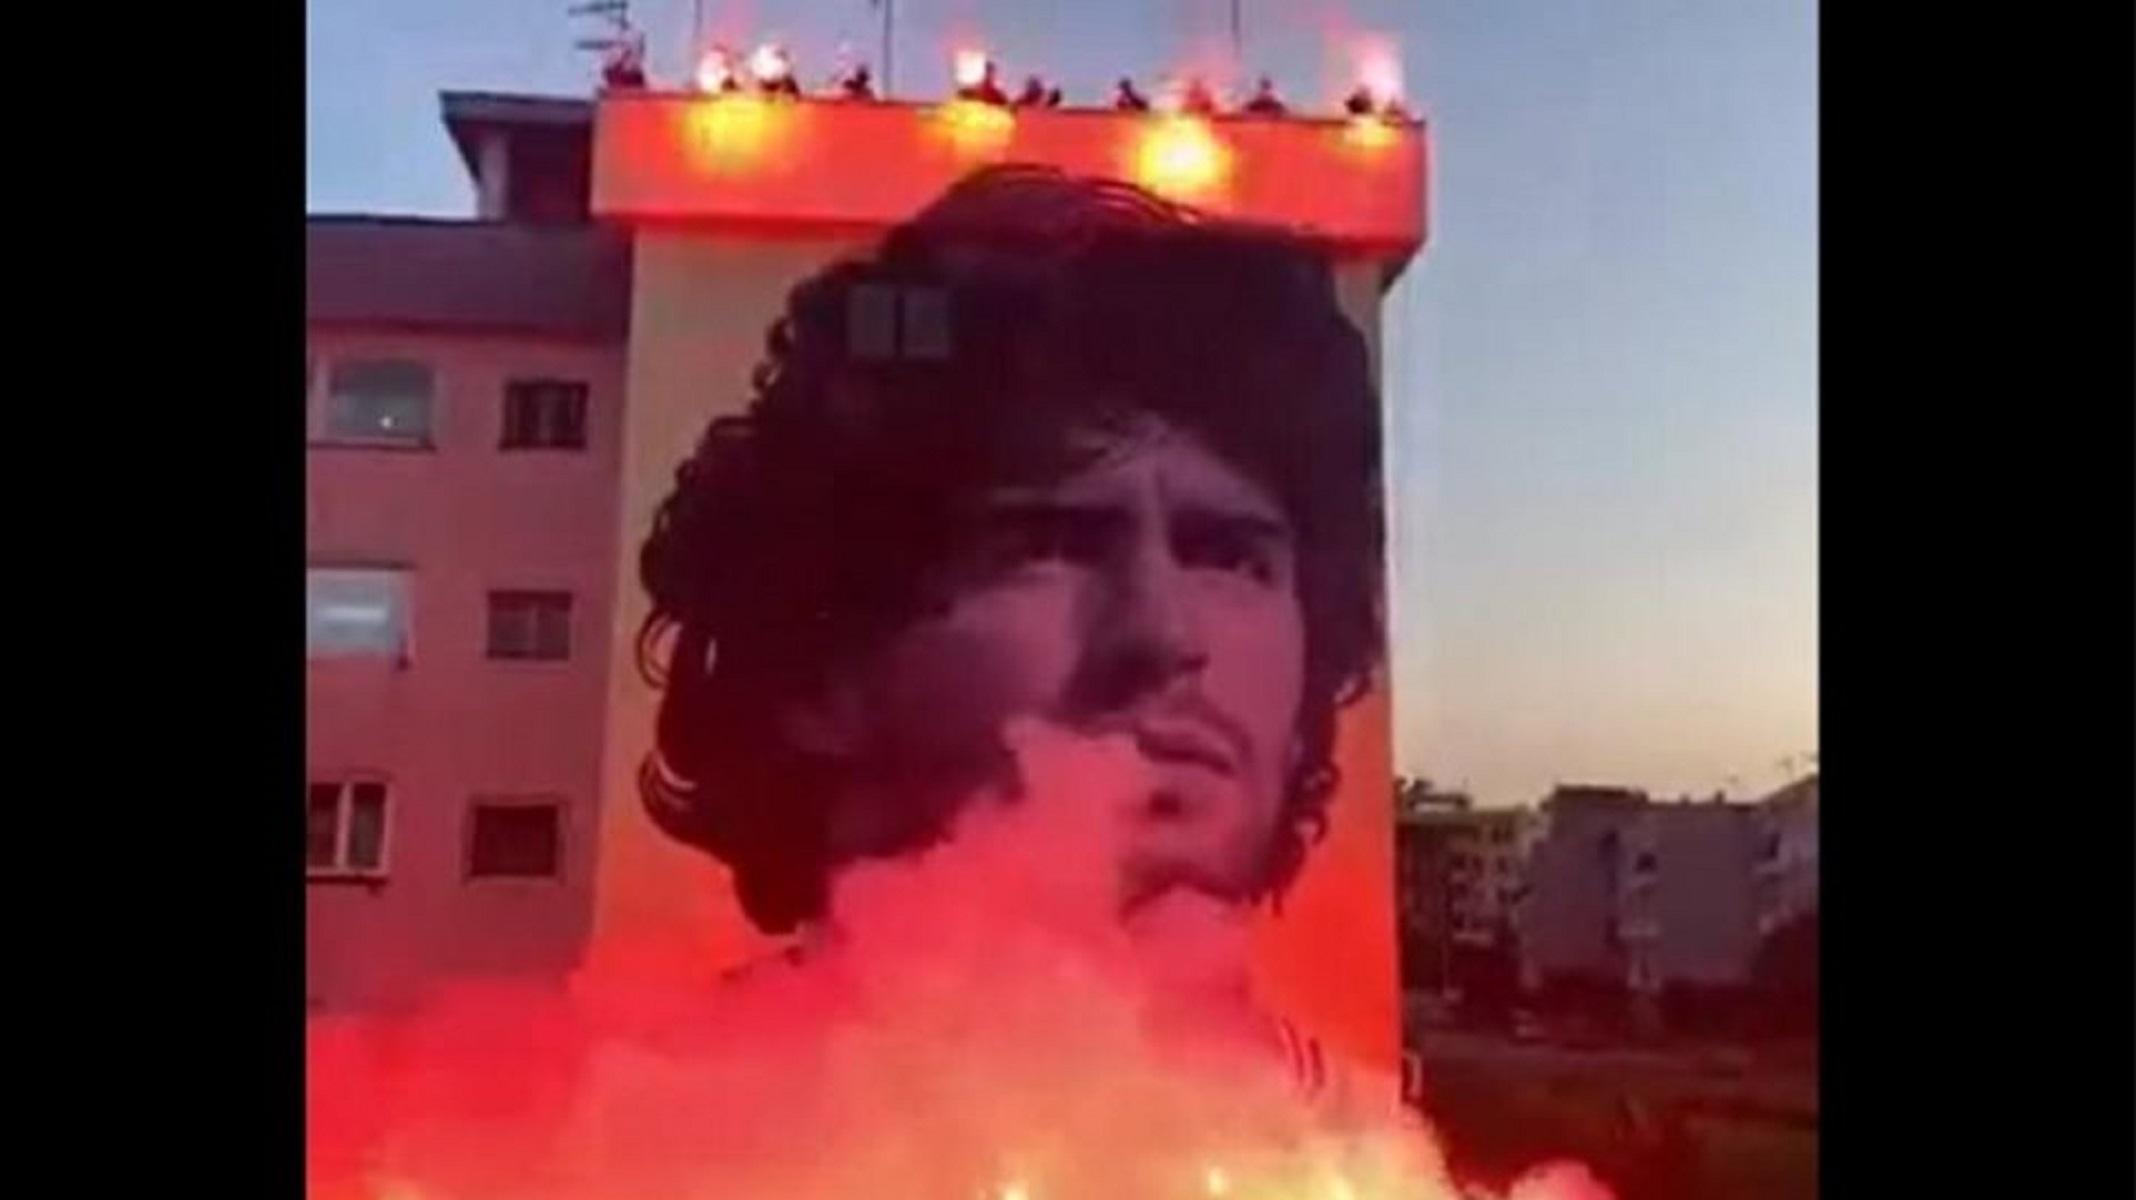 Μαραντόνα: Γκράφιτι στη μνήμη του «Θεού» στη Νάπολι και εντυπωσιακά αποκαλυπτήρια (video)